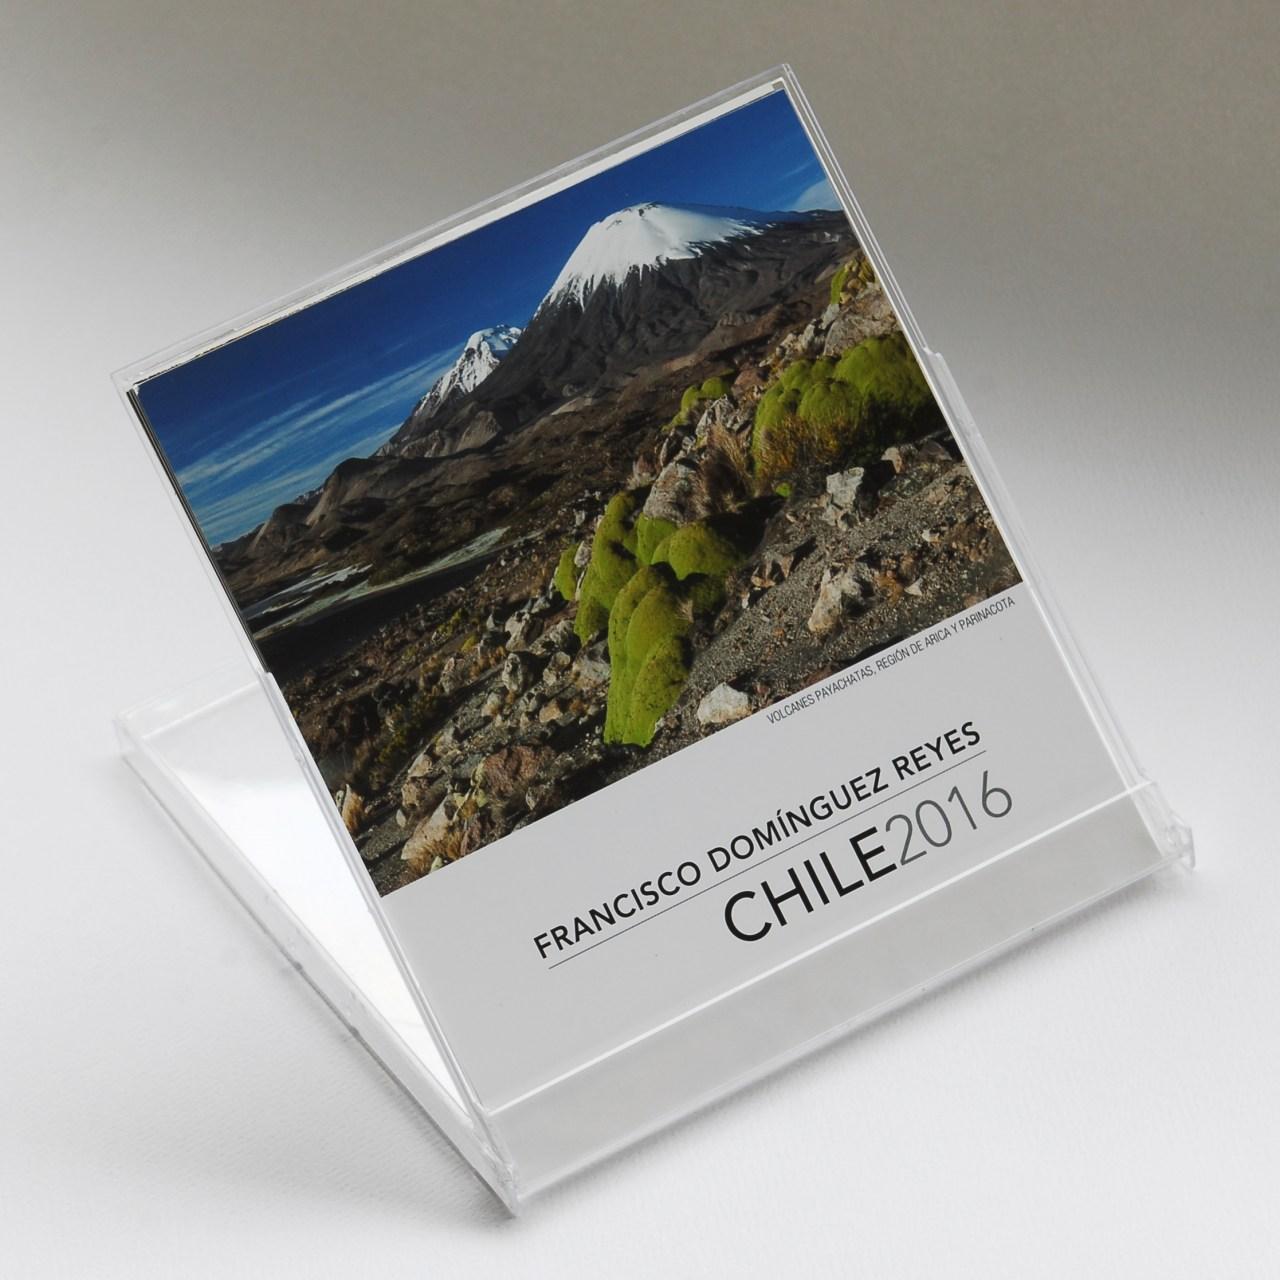 Calendario con fotografías de Chile